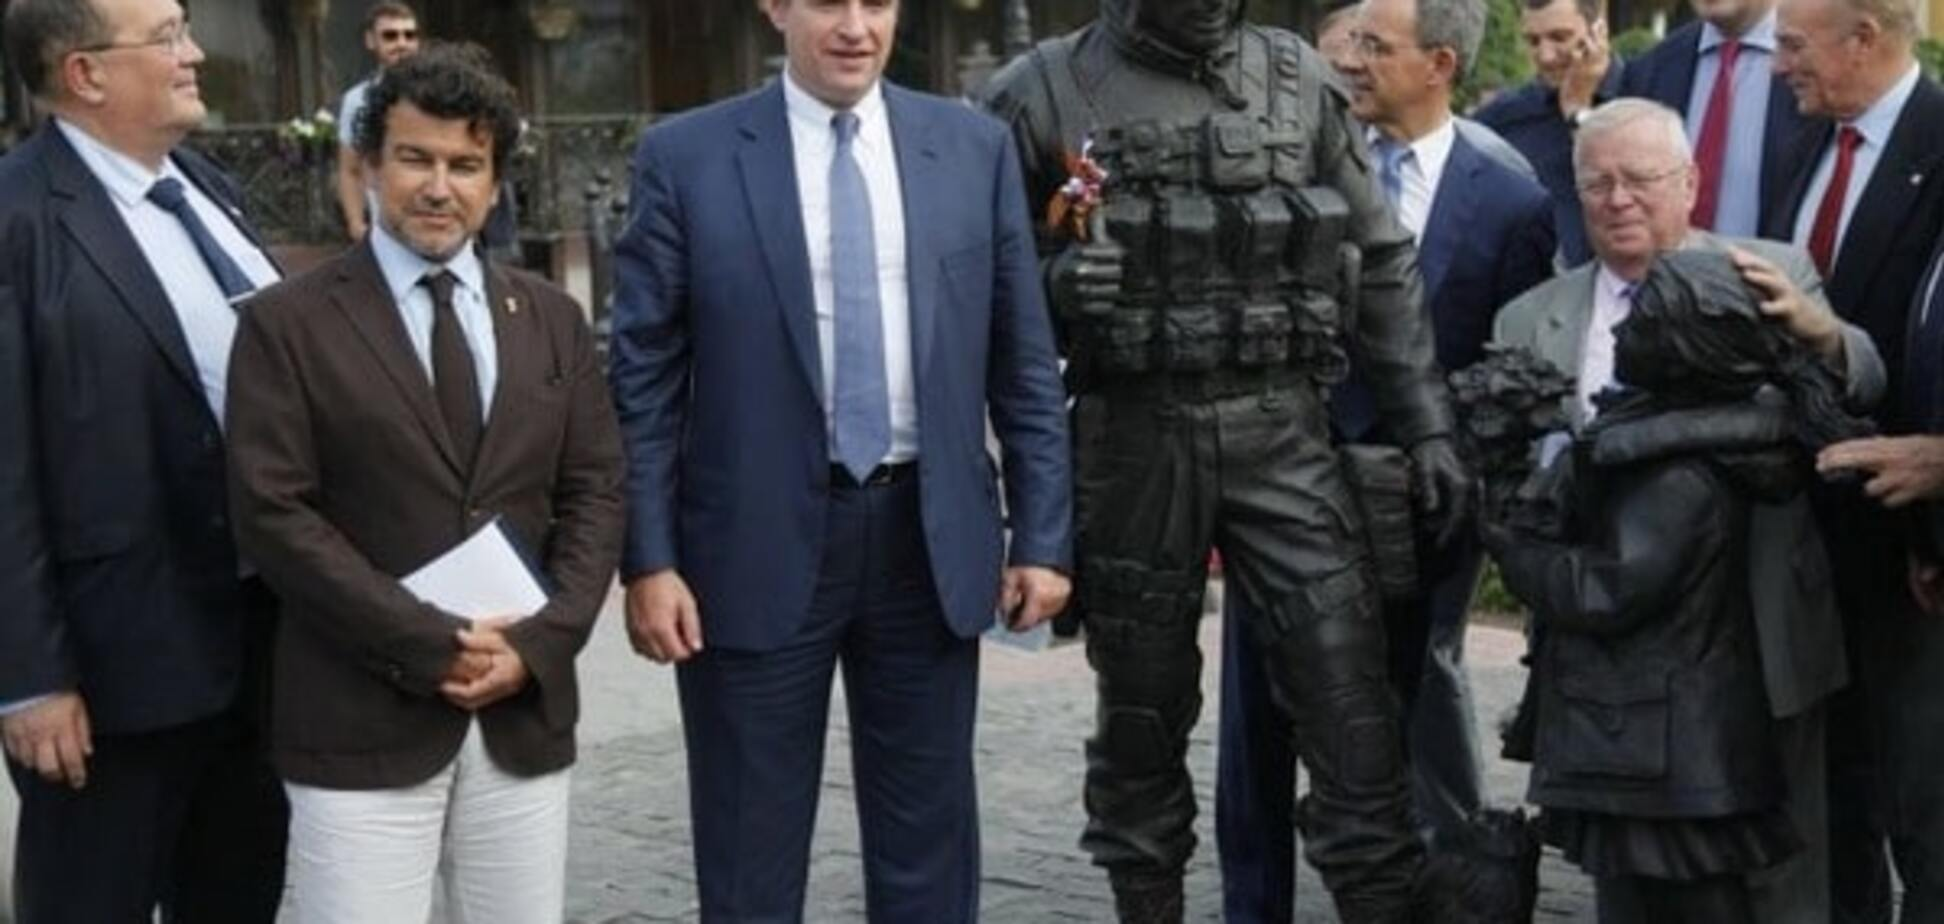 французькі депутати Крим